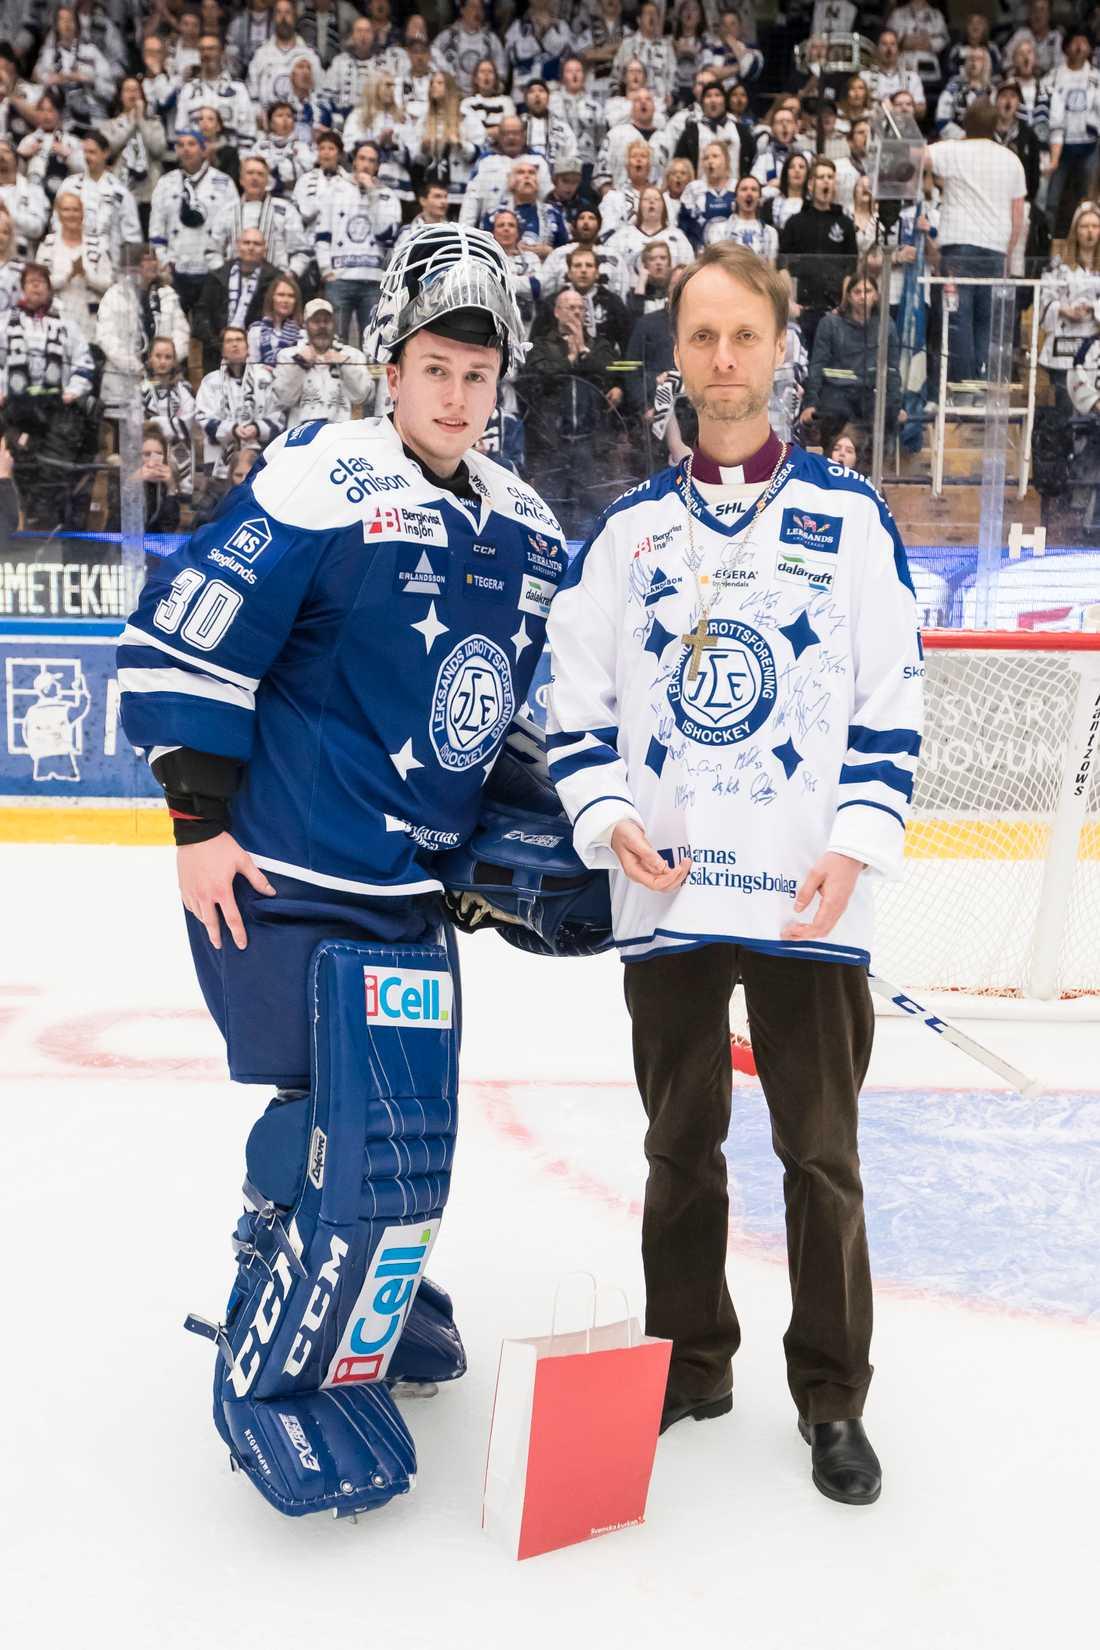 Henrik Haukeland utsedd till matchens lirare av biskop Mikael Mogren.